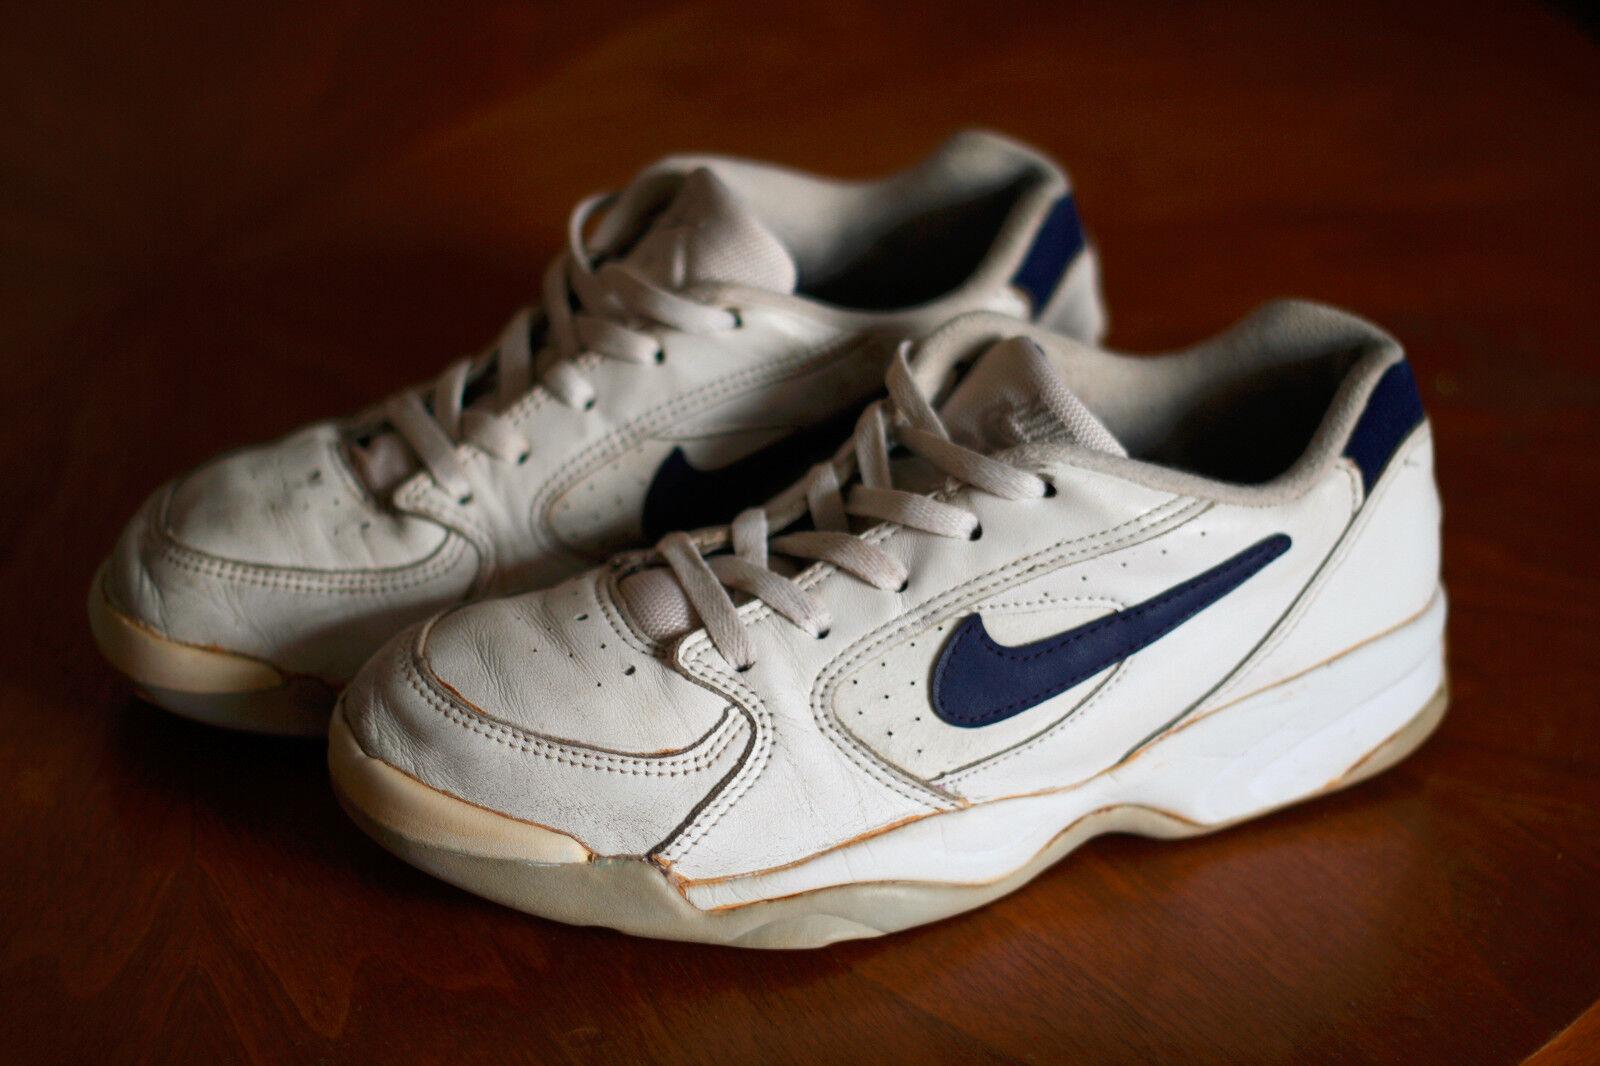 Vintage Nike Hallenschuhe Tennis Challenge Court Weiß Leder 1995 42 DRC Air 90s